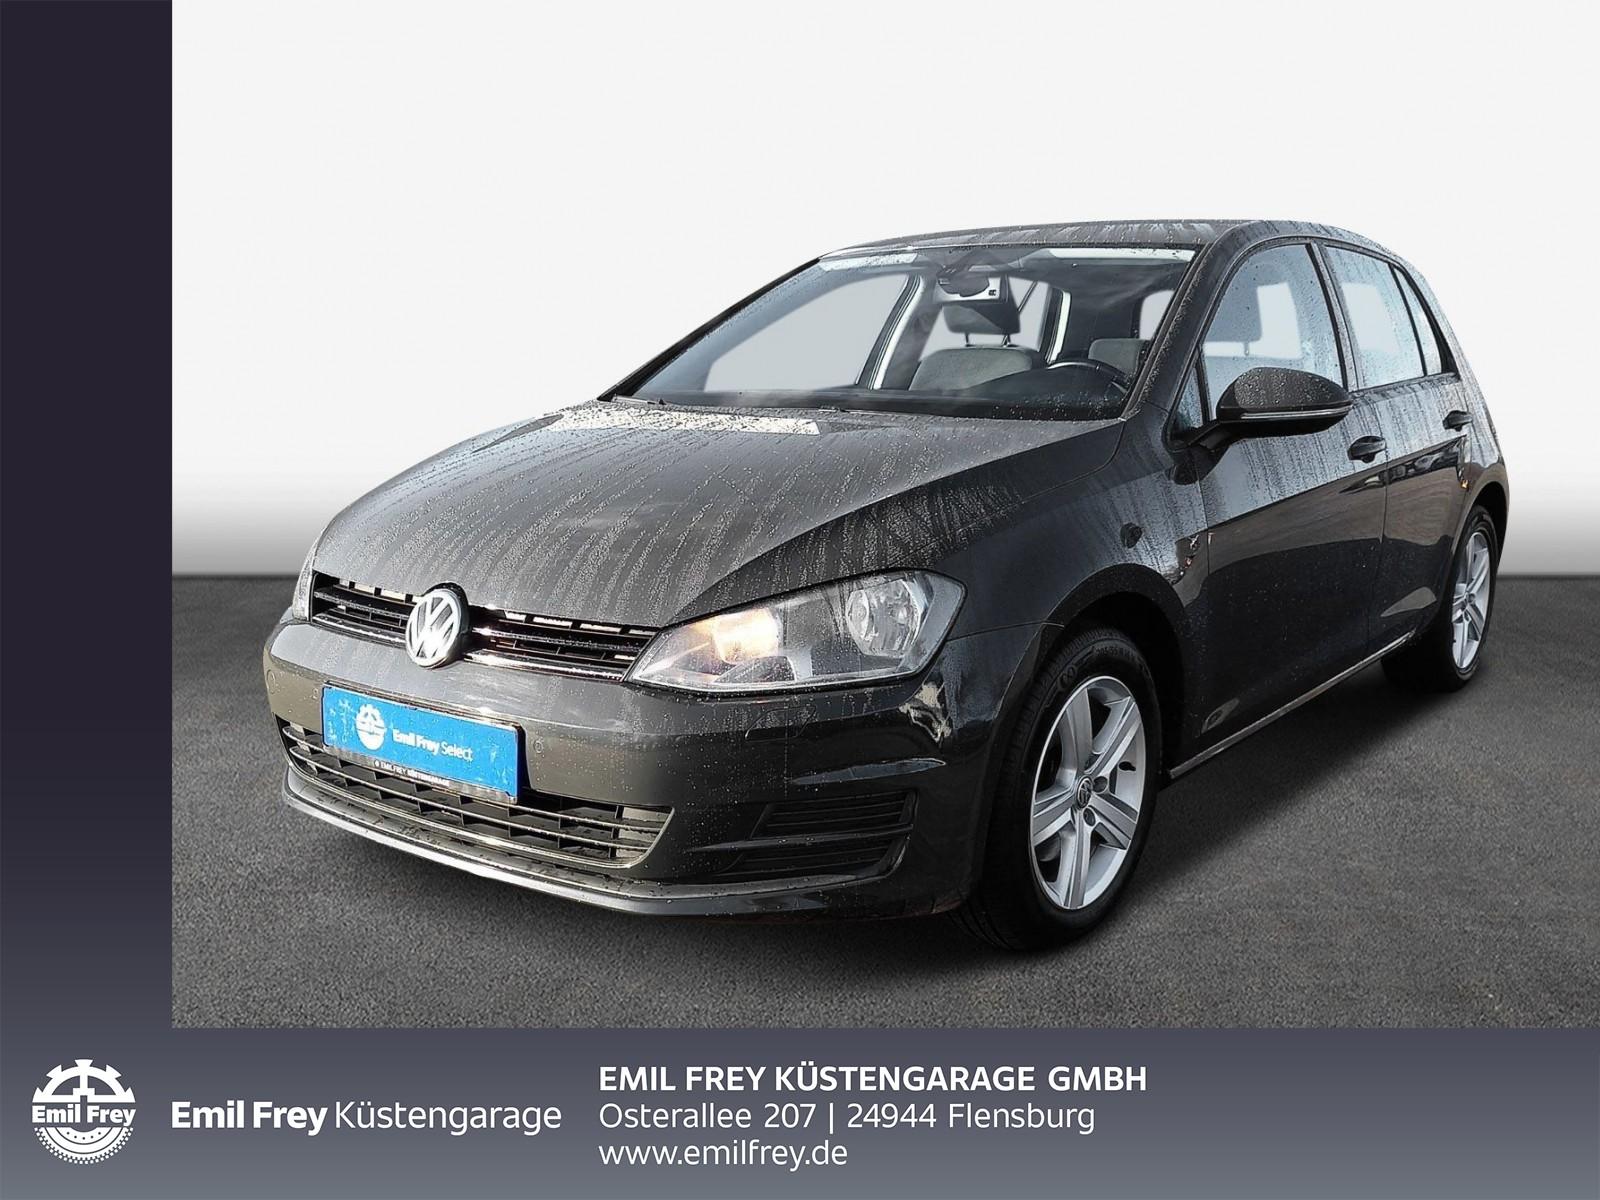 Volkswagen Golf VII 1.2 TSI -Comfortline- 5-Gang Klima/ GRA/ SHZ/ PDC, Jahr 2013, Benzin